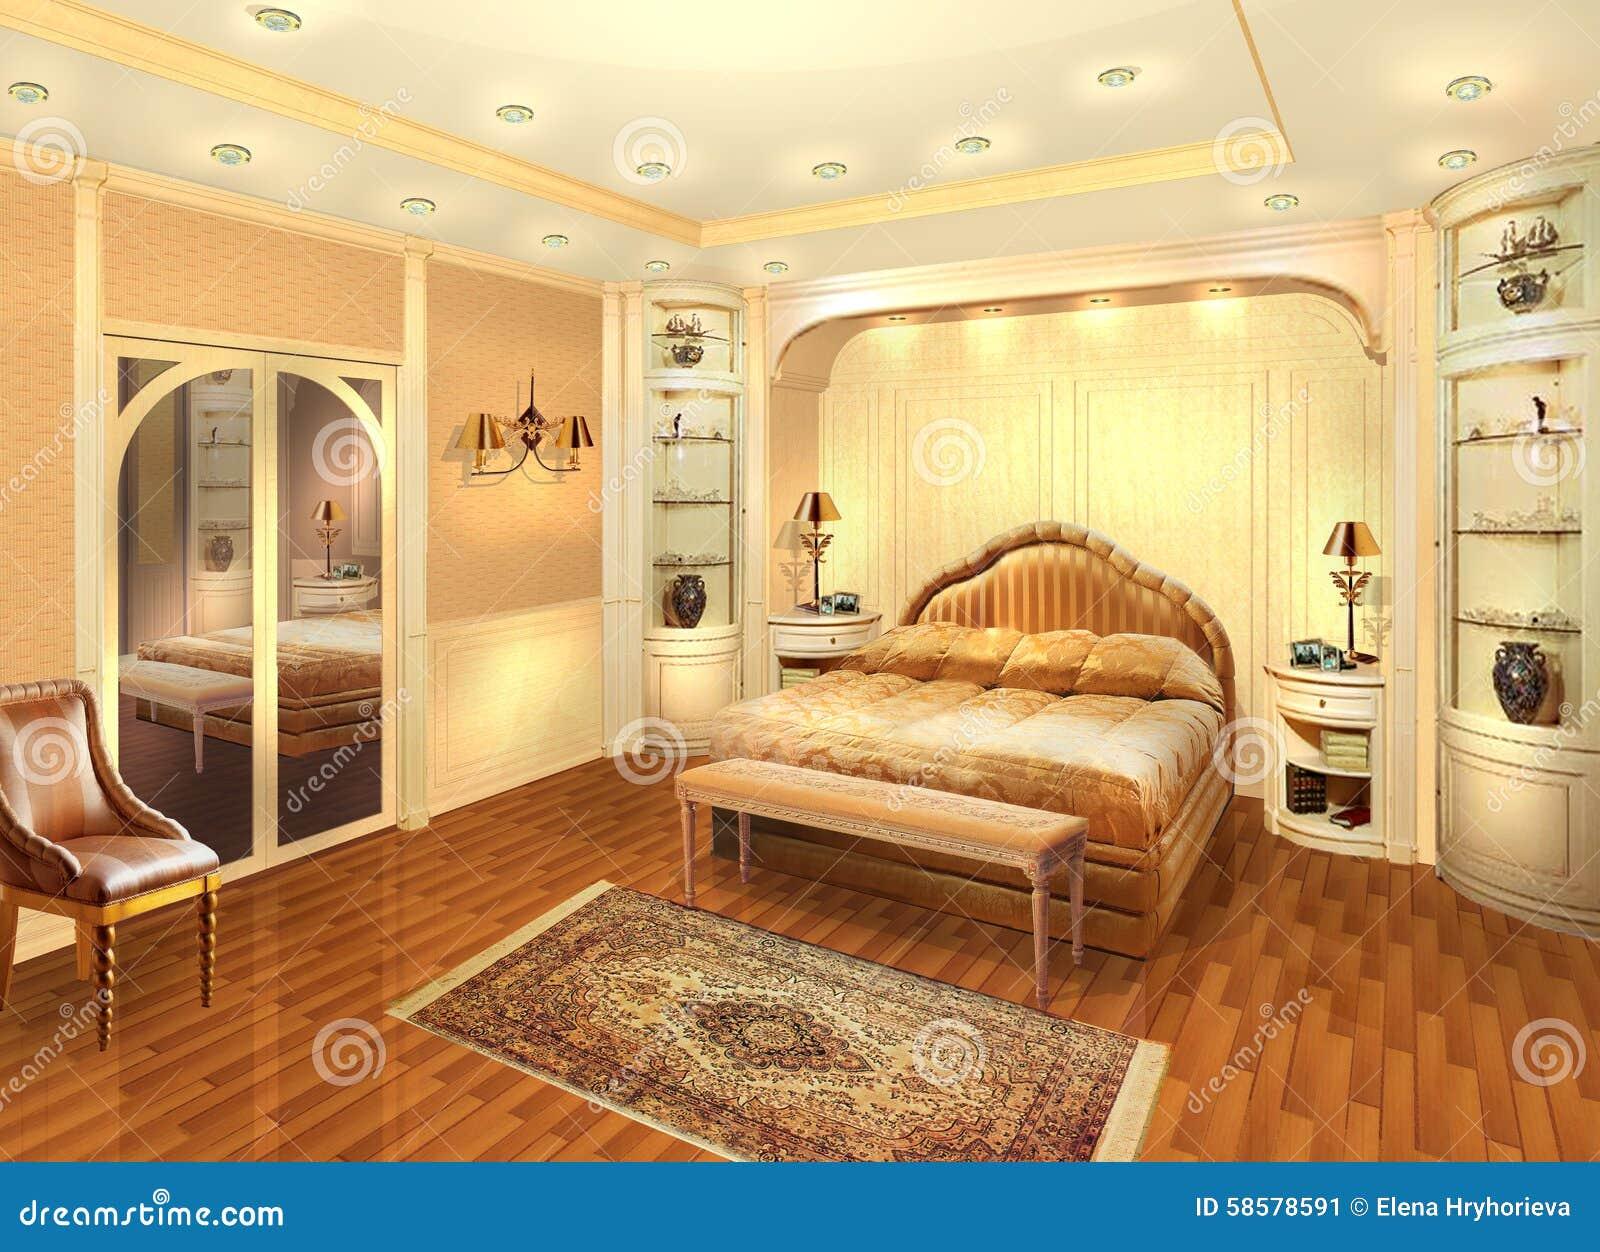 Private Home Project Design Interior Stock Illustration